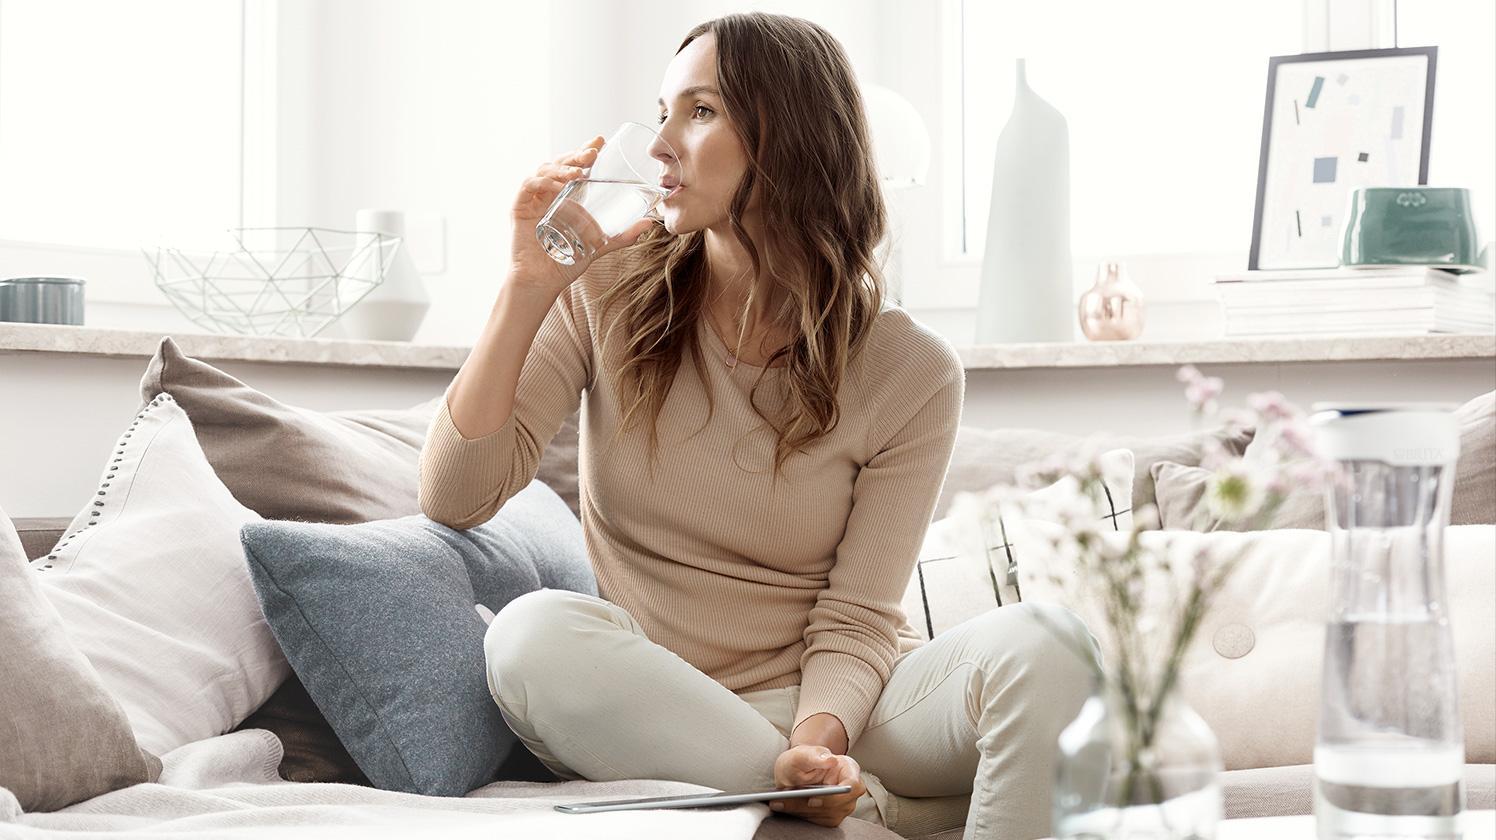 BRITA Wasserbedarf Frau Couch trinkt Wasser